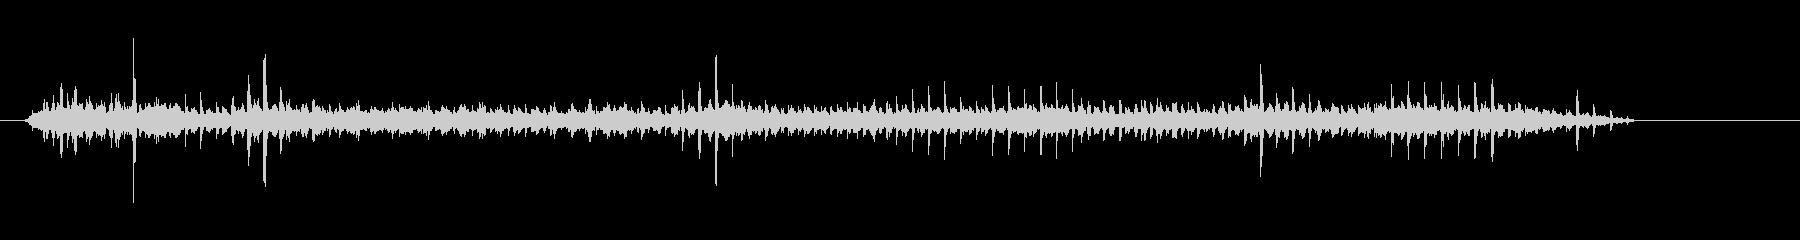 イオンパルスリズミカルイオンパルス...の未再生の波形